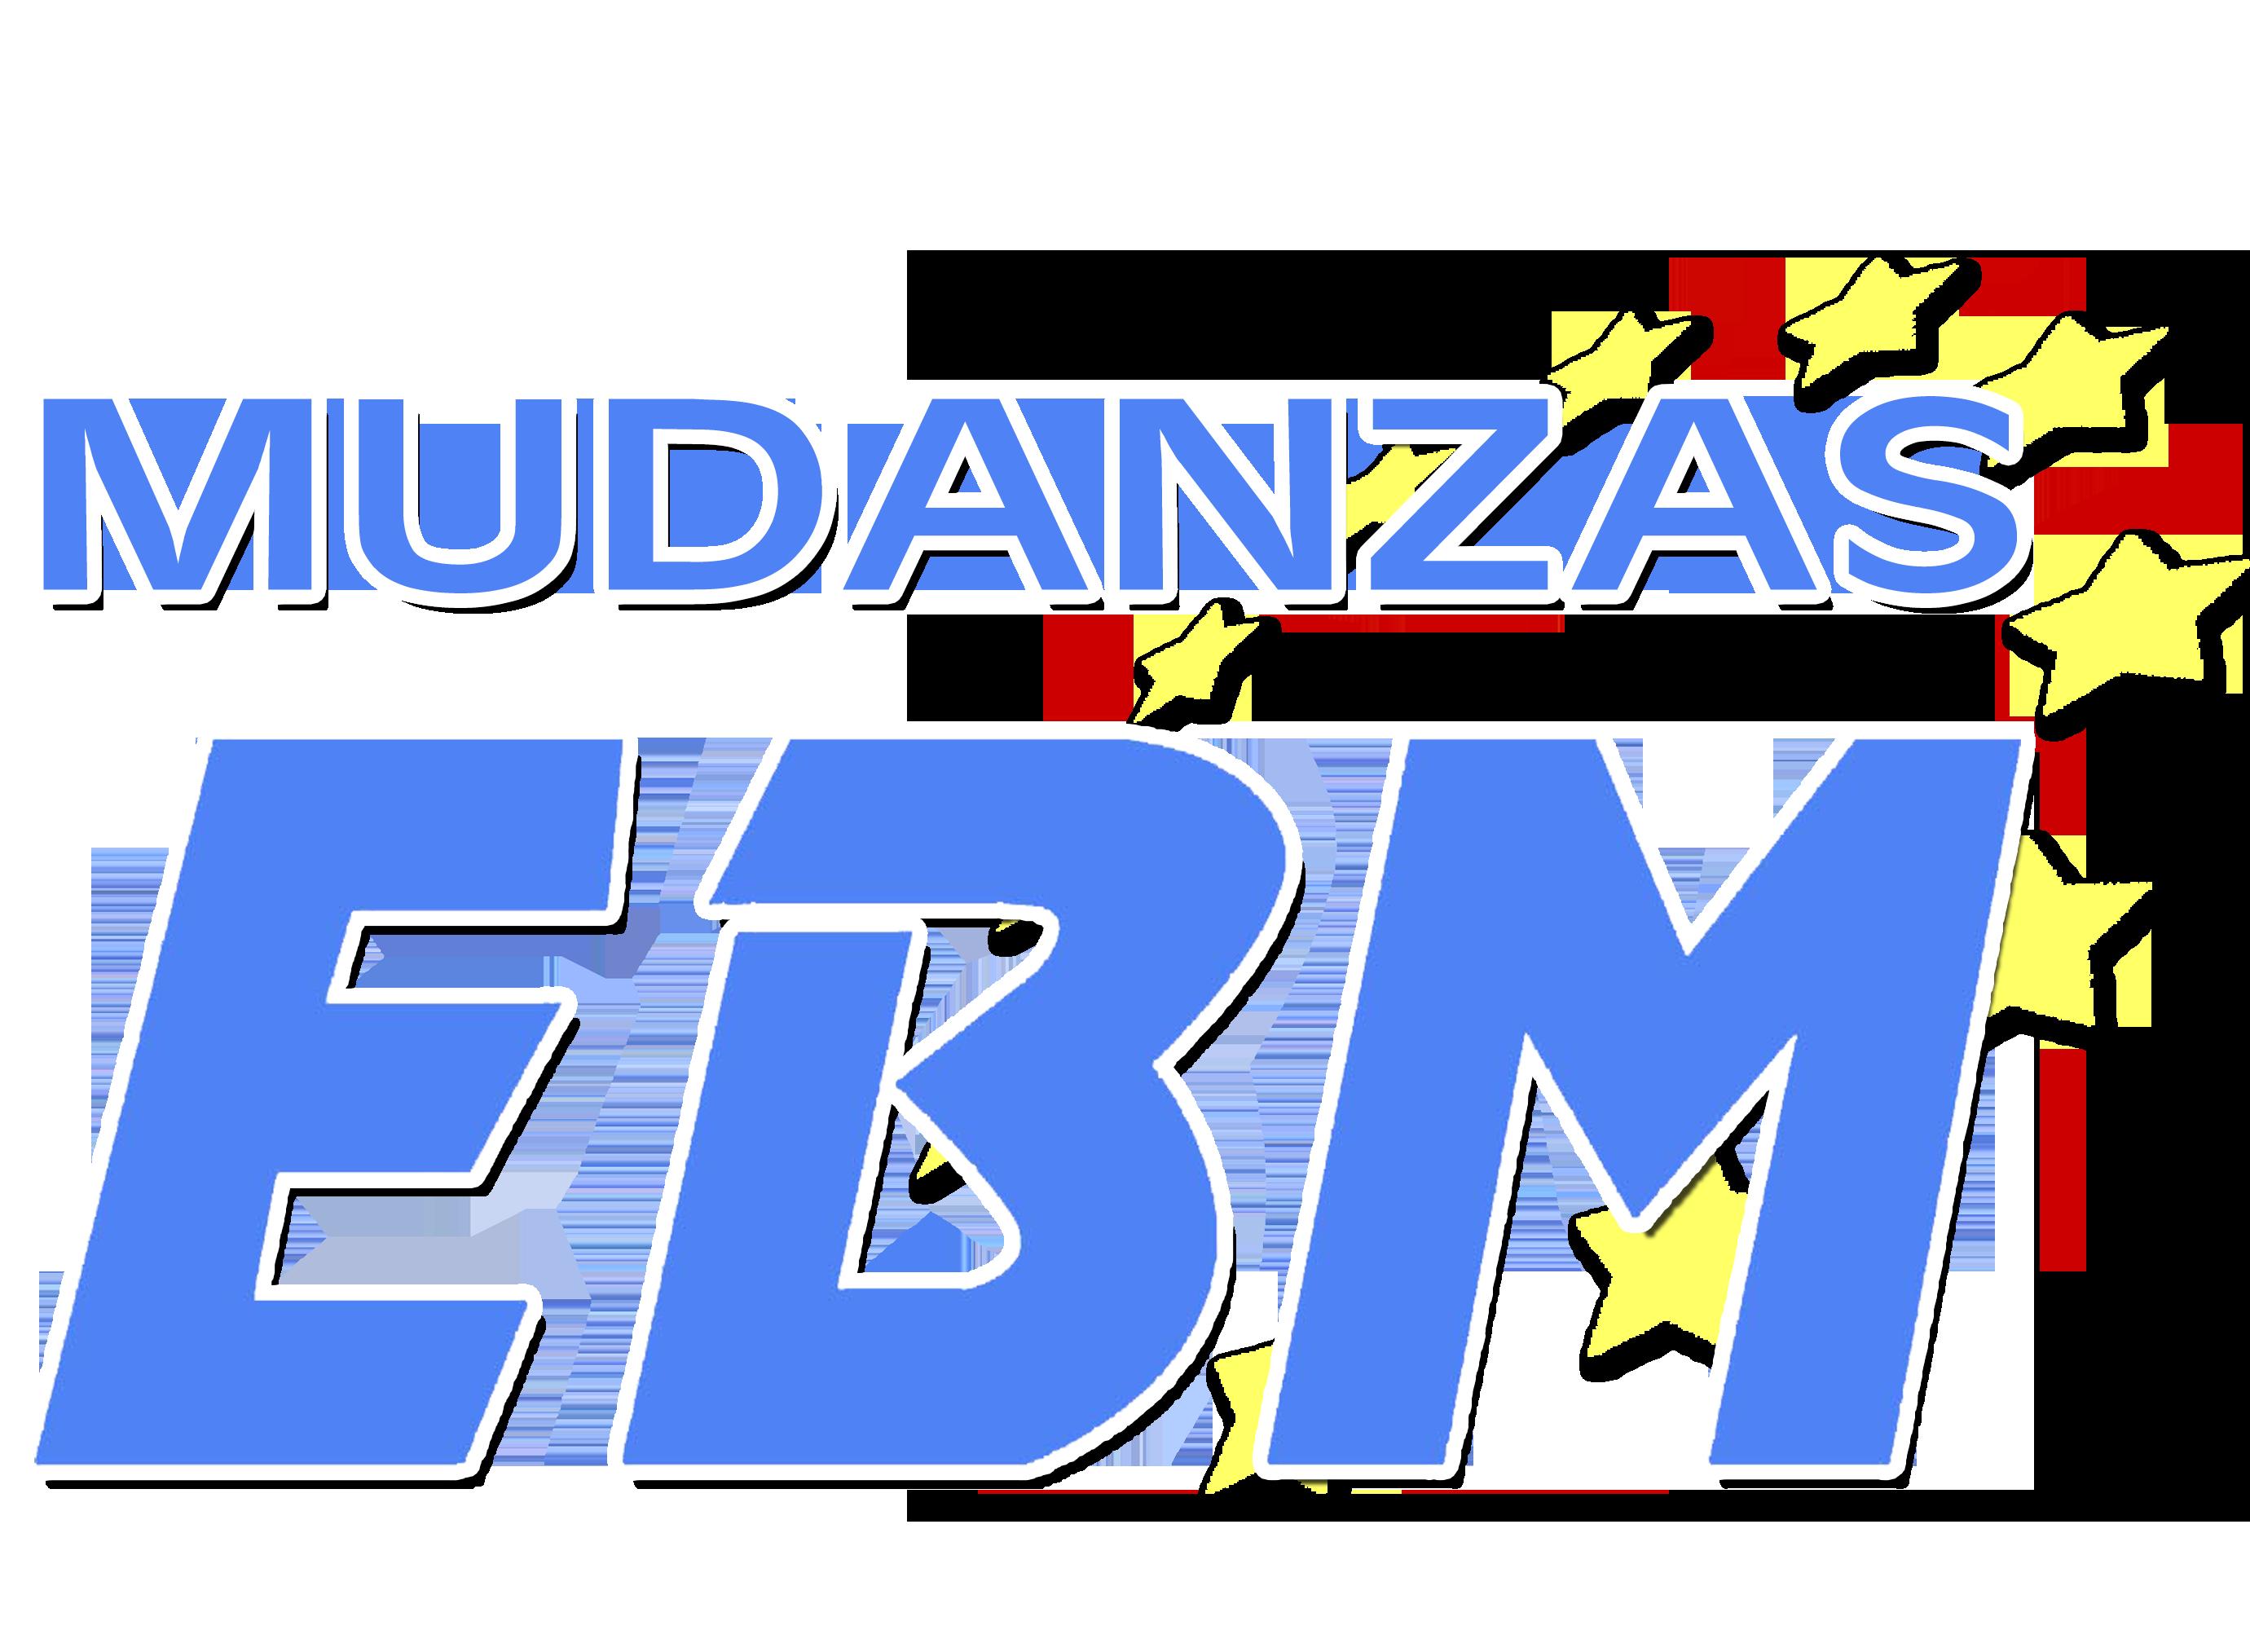 logotipo de mudanzas ebm